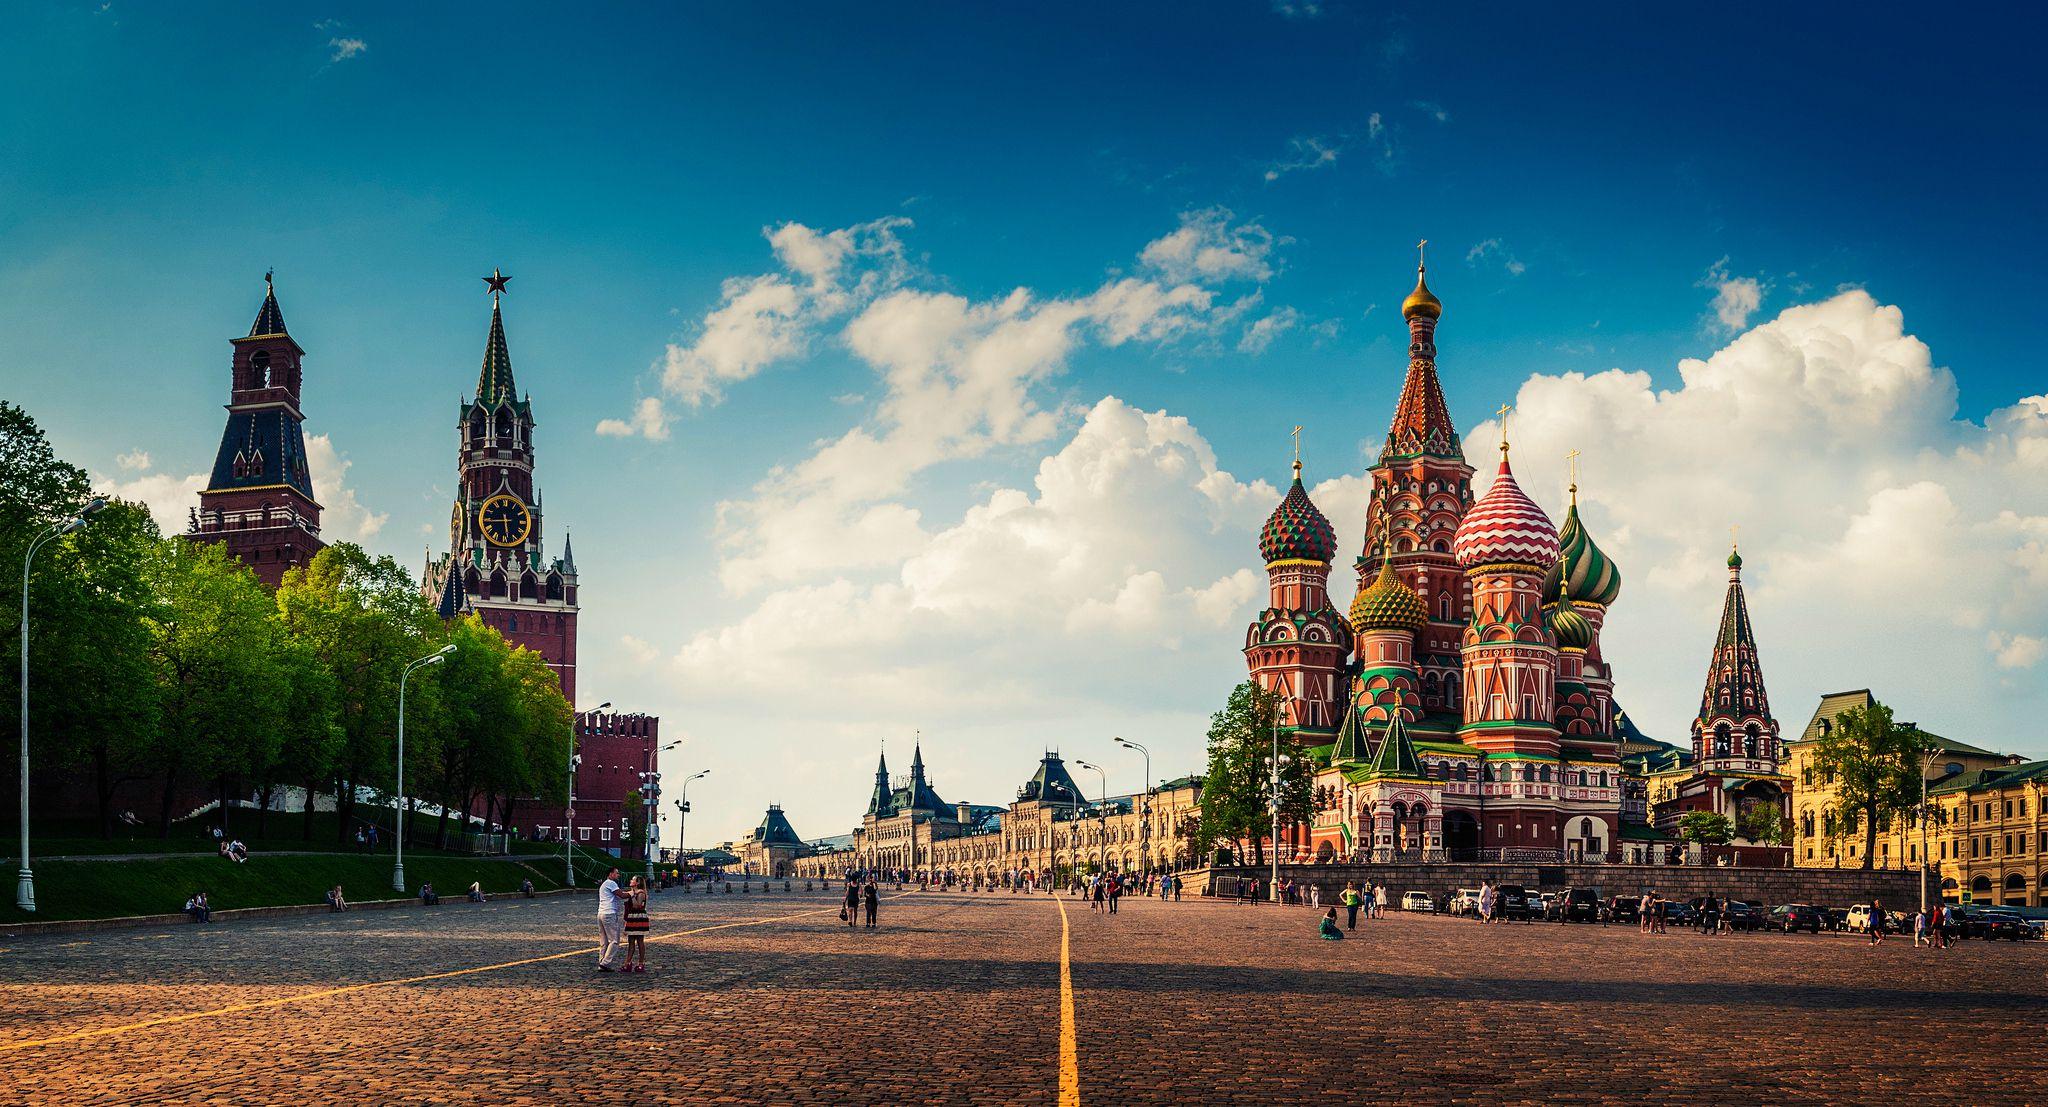 Собянин: Москва одна из самых динамично развивающихся столиц мира